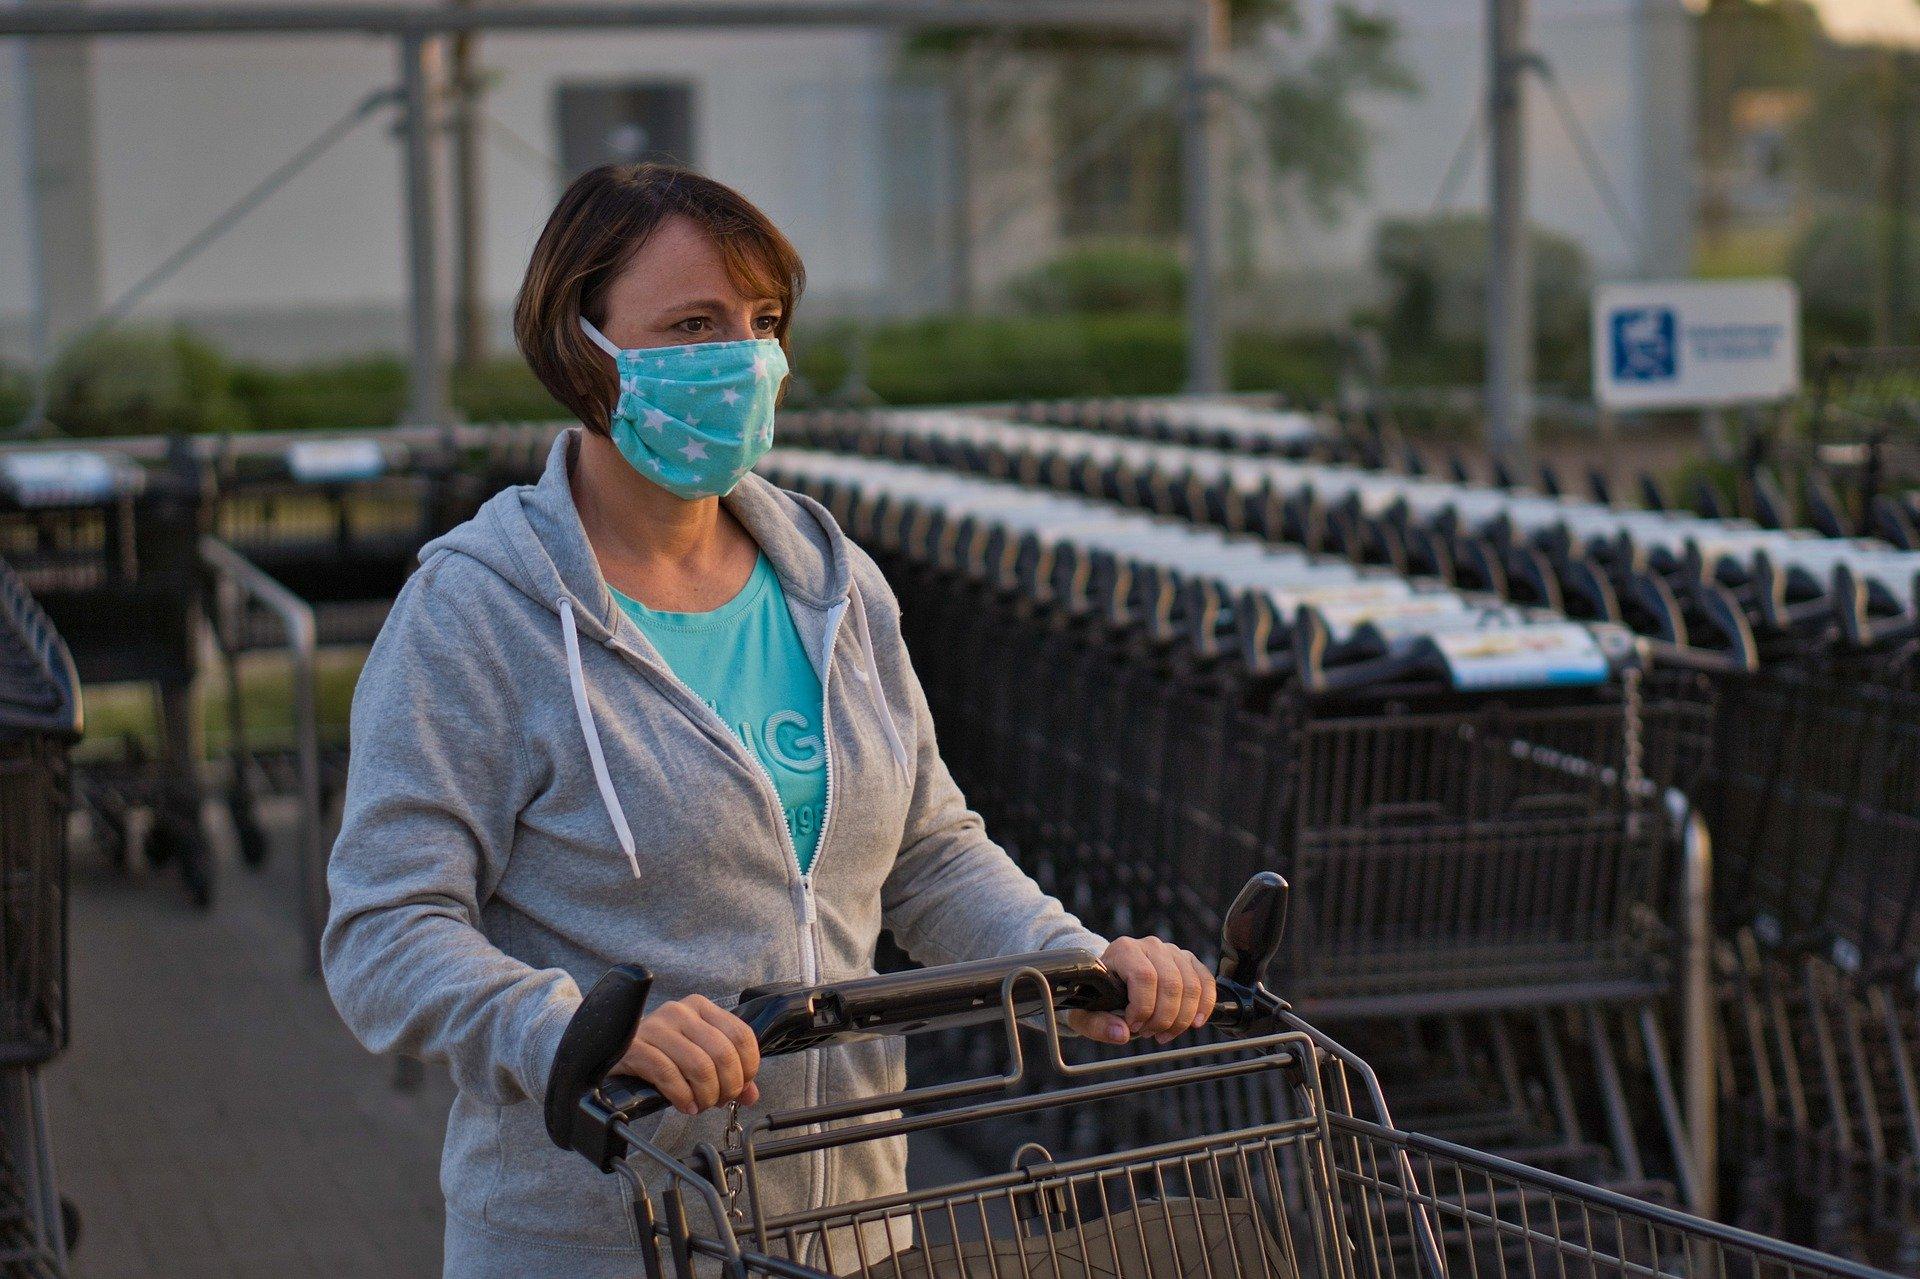 新型コロナウィルス影響下でのコンビニエンスストアの需要と対策ーその後